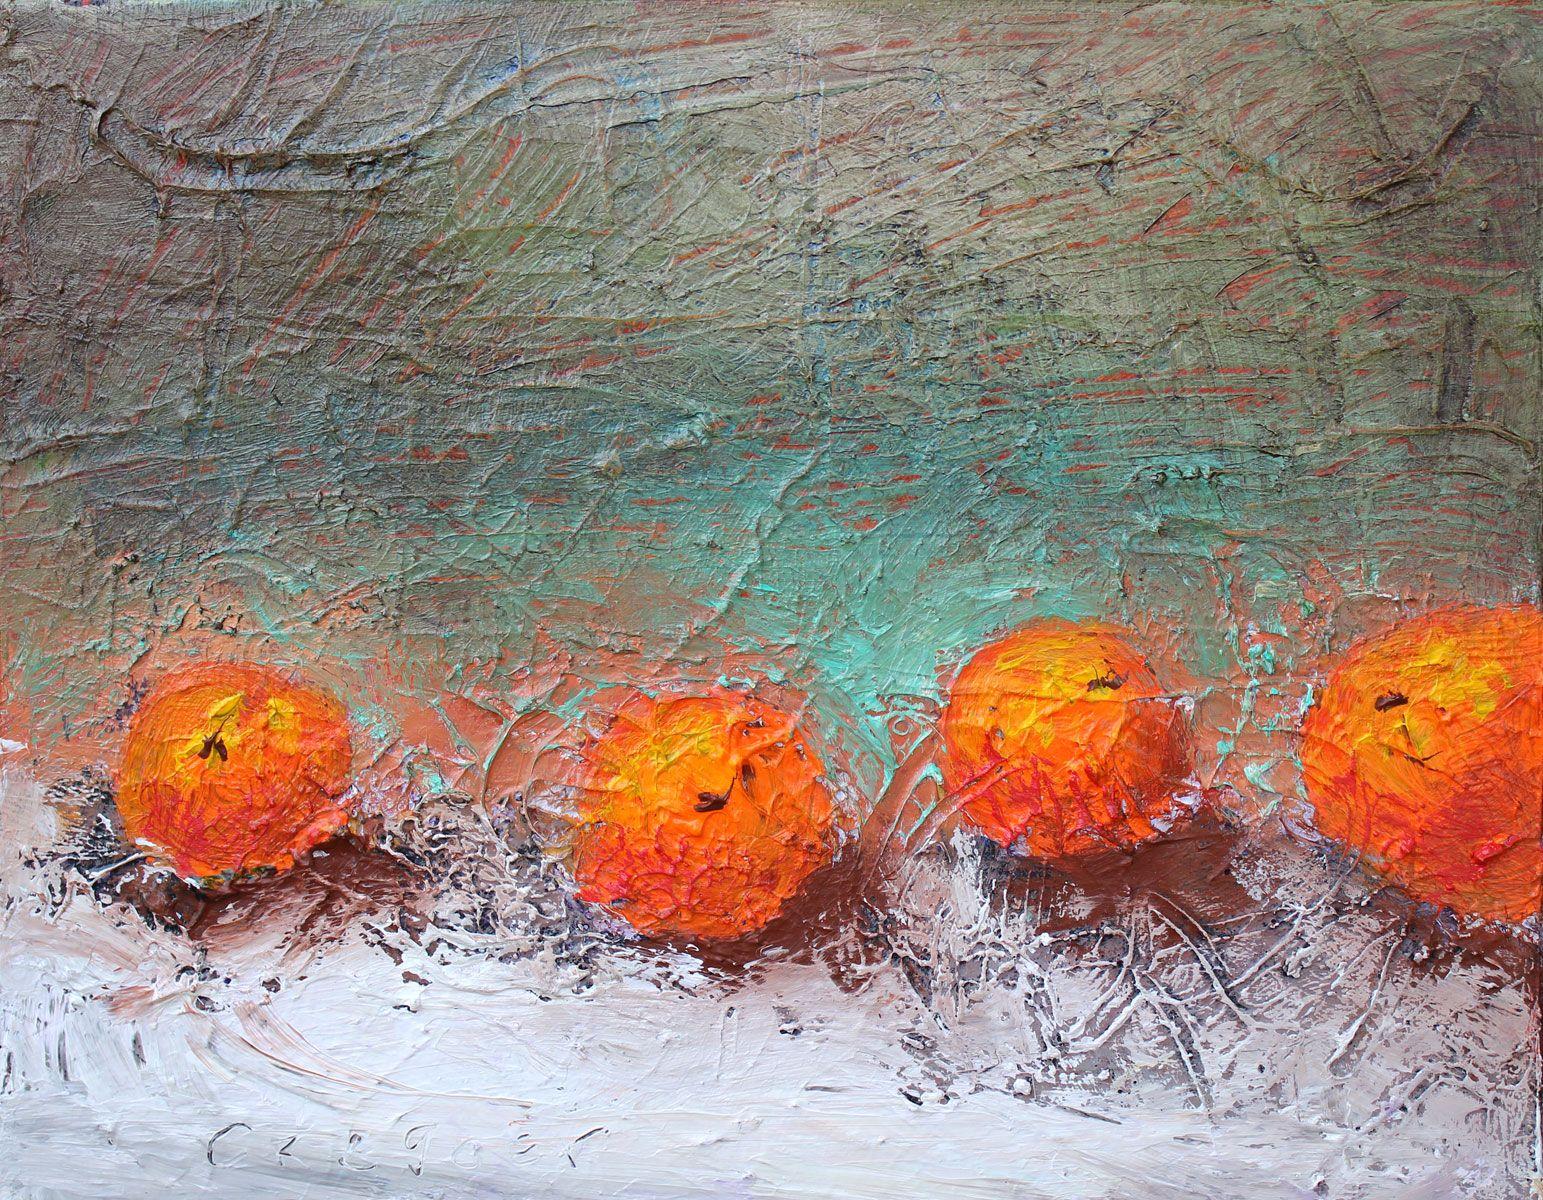 Four Oranges VI, acrylic on canvas, 14x18  www.duanecregger.com www.crossroadsartcenter.com